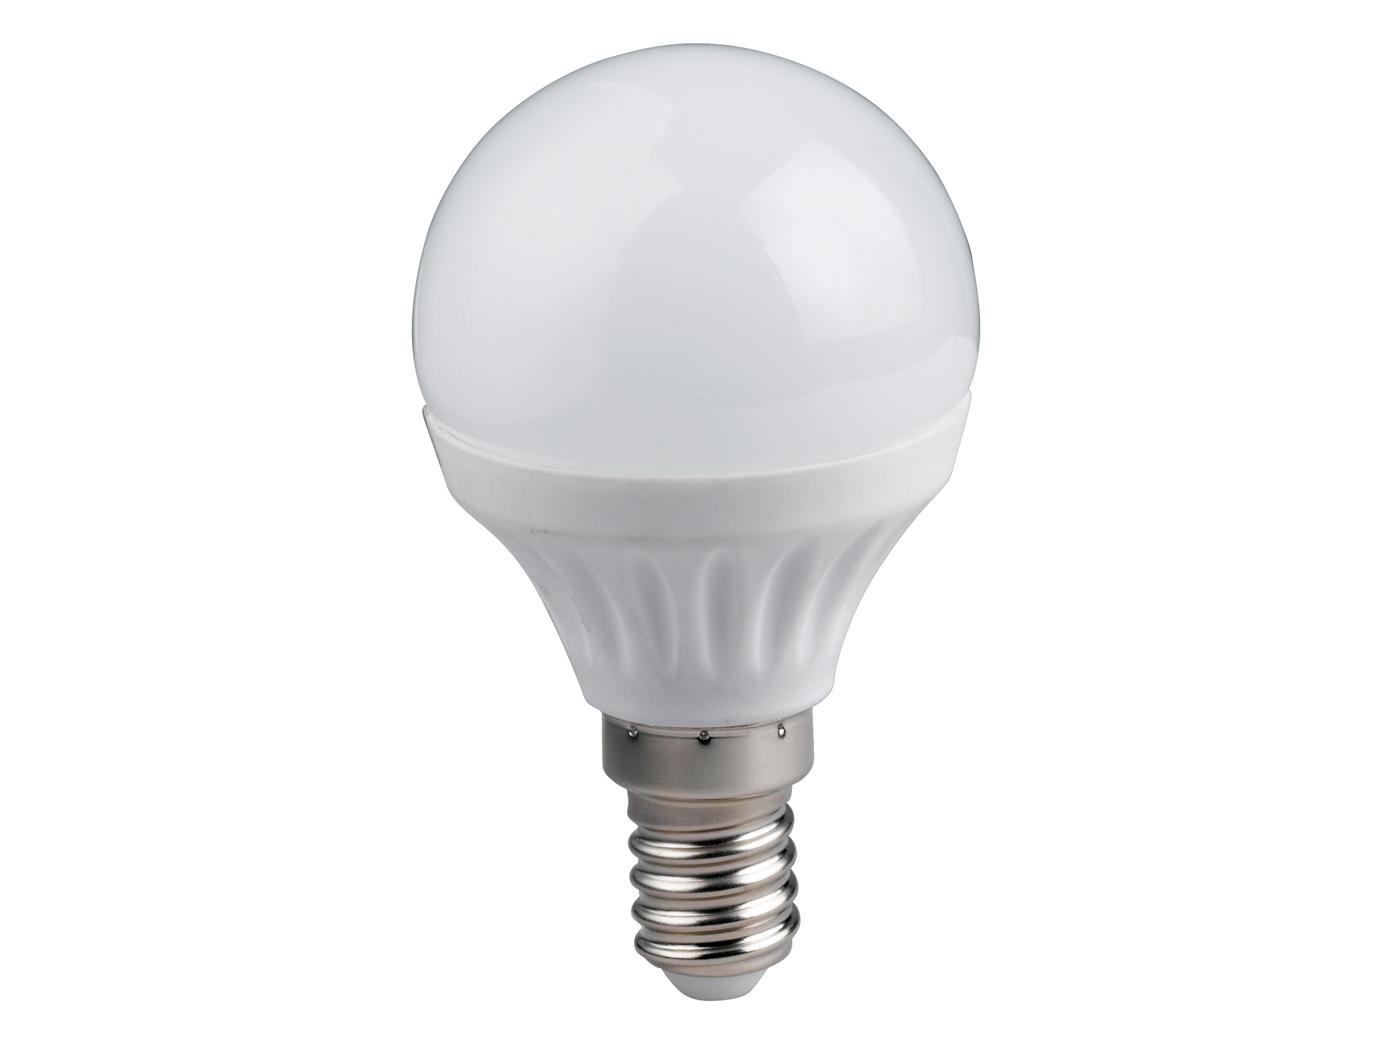 LED Leuchtmittel 5 Watt für E14 Fassung 400 Lumen warmeiß Ø3,7cm,extern dimmbar